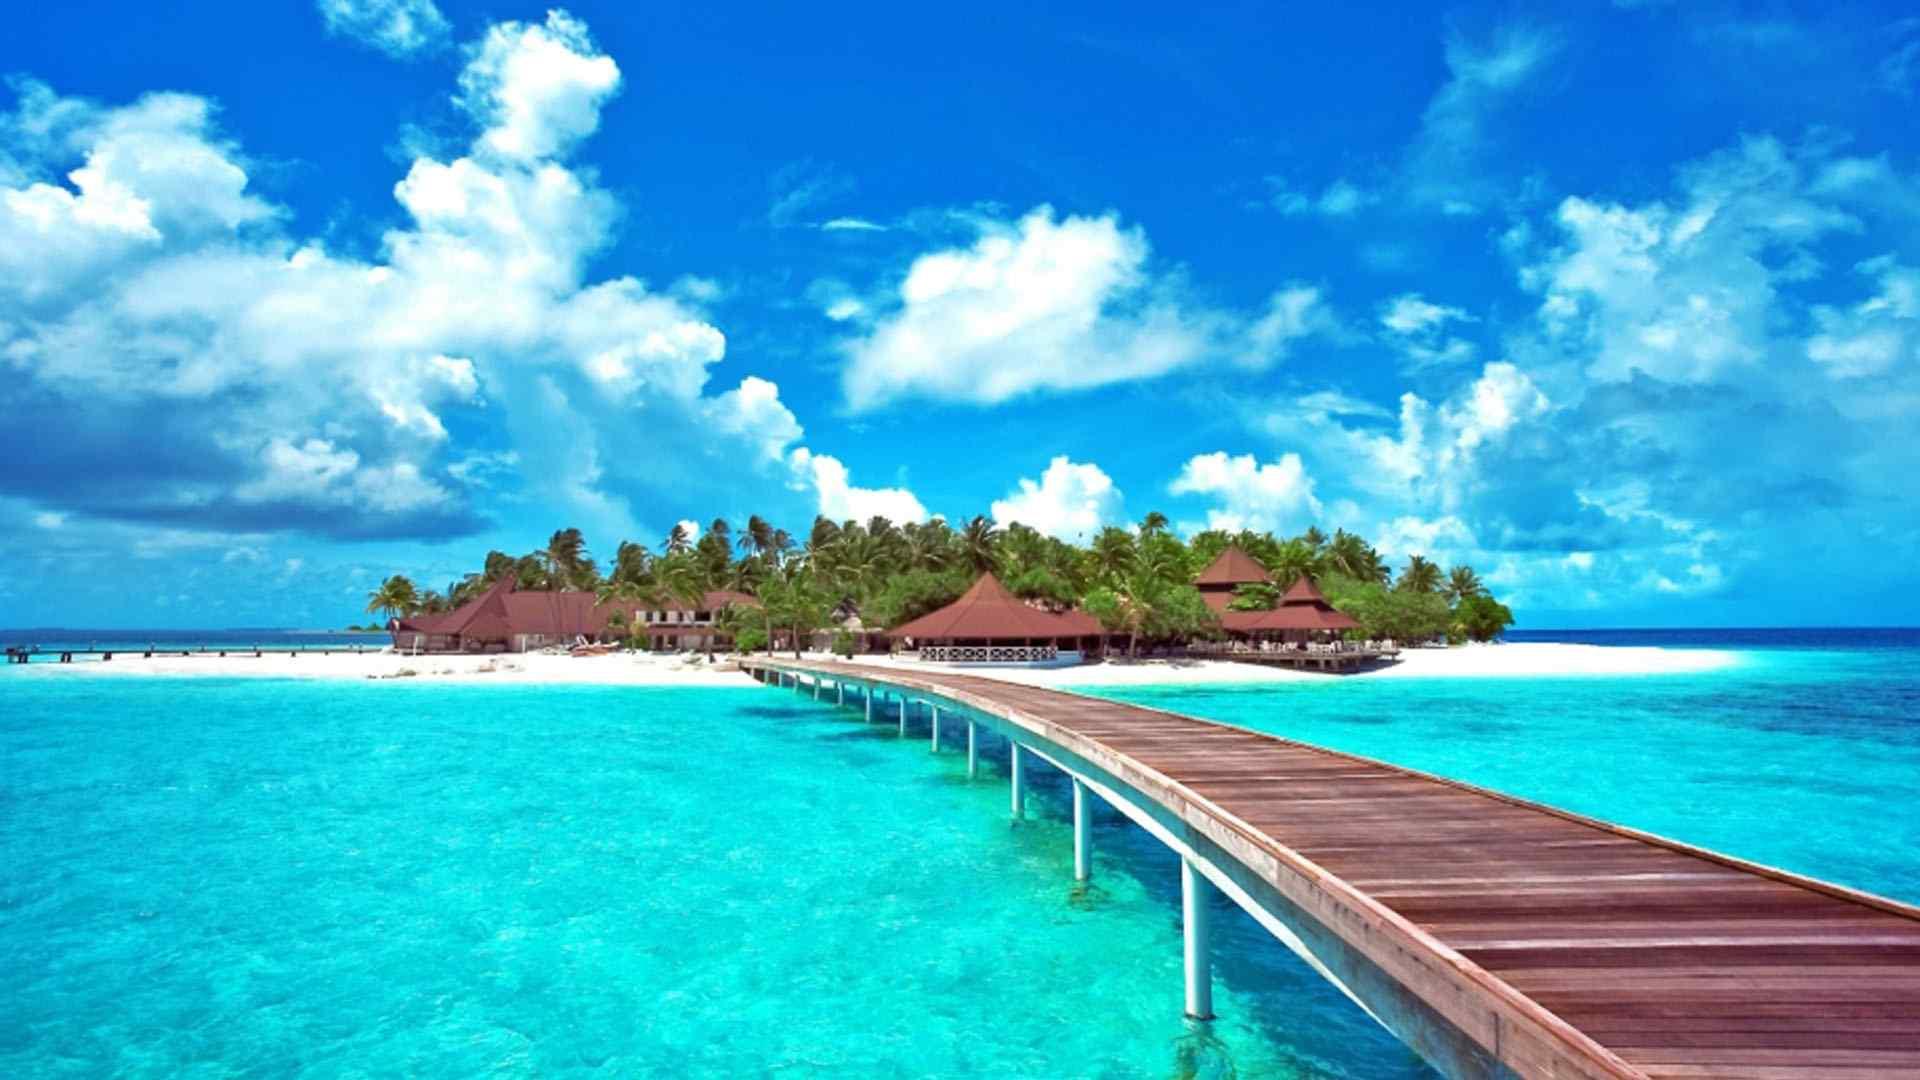 湛蓝海洋唯美自然风光壁纸